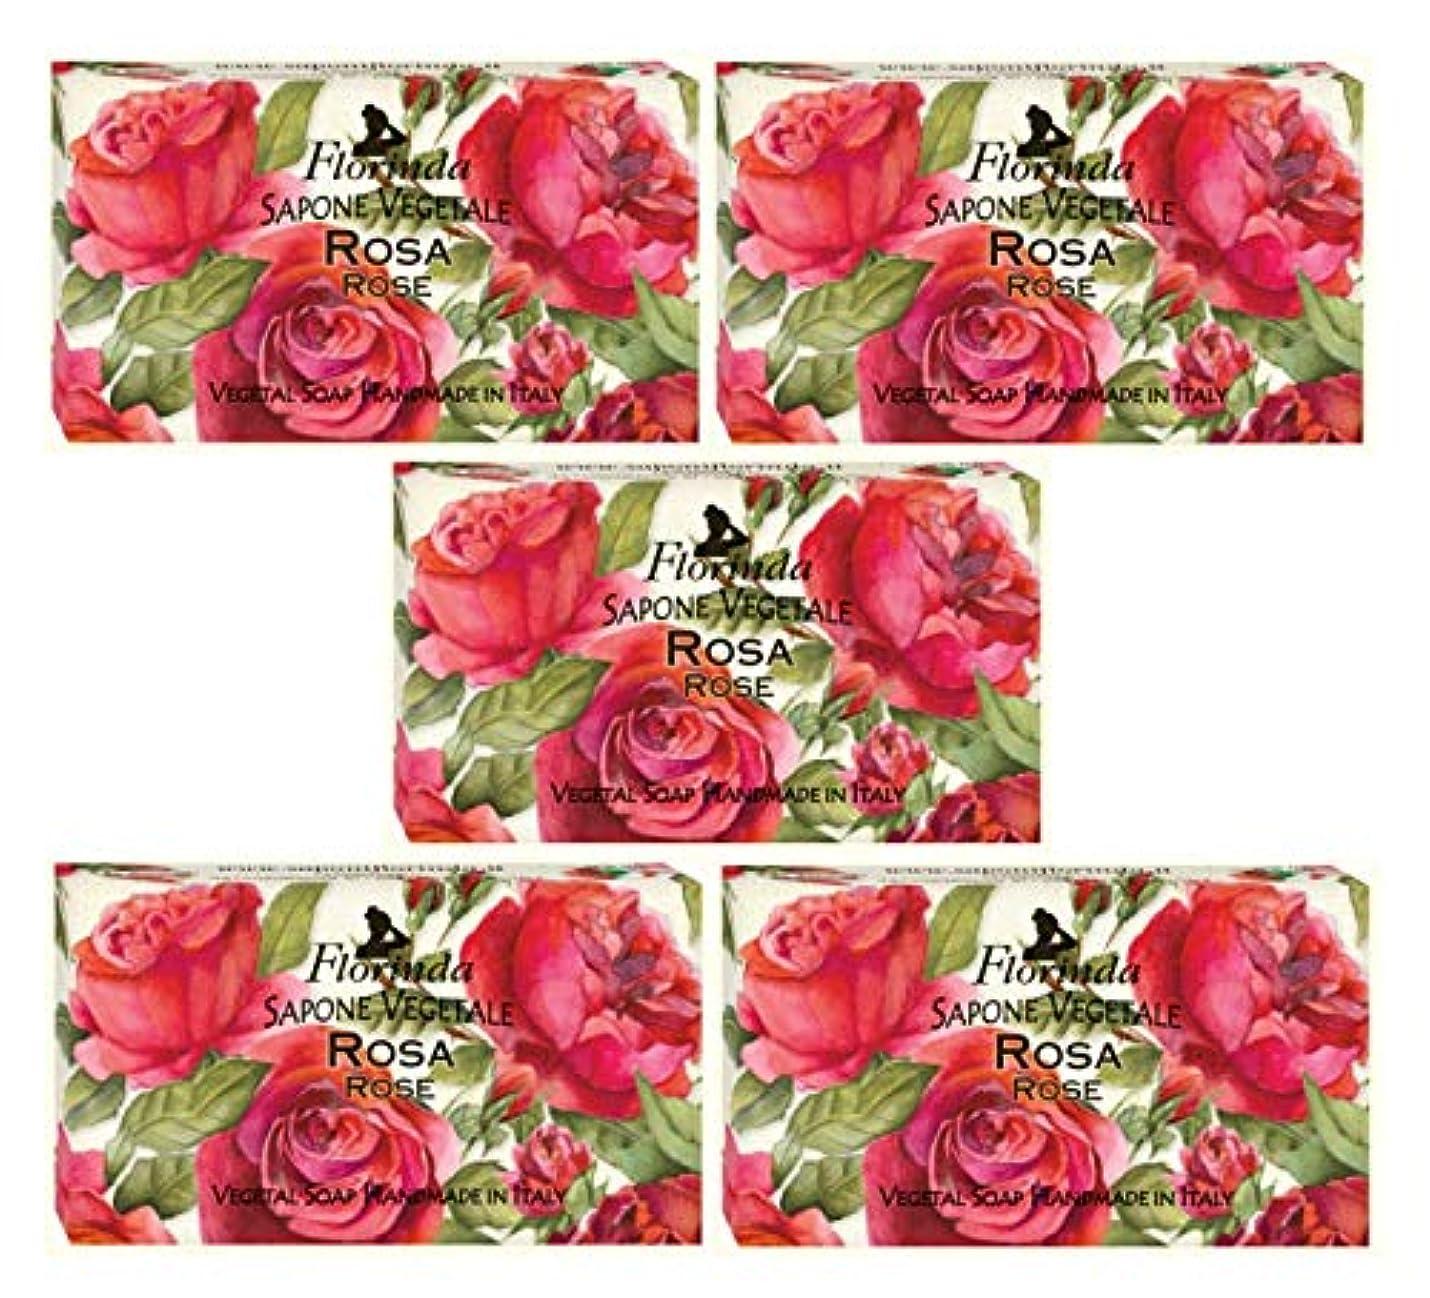 ごちそう家族真鍮フロリンダ フレグランスソープ 固形石けん 花の香り ローズ 95g×5個セット